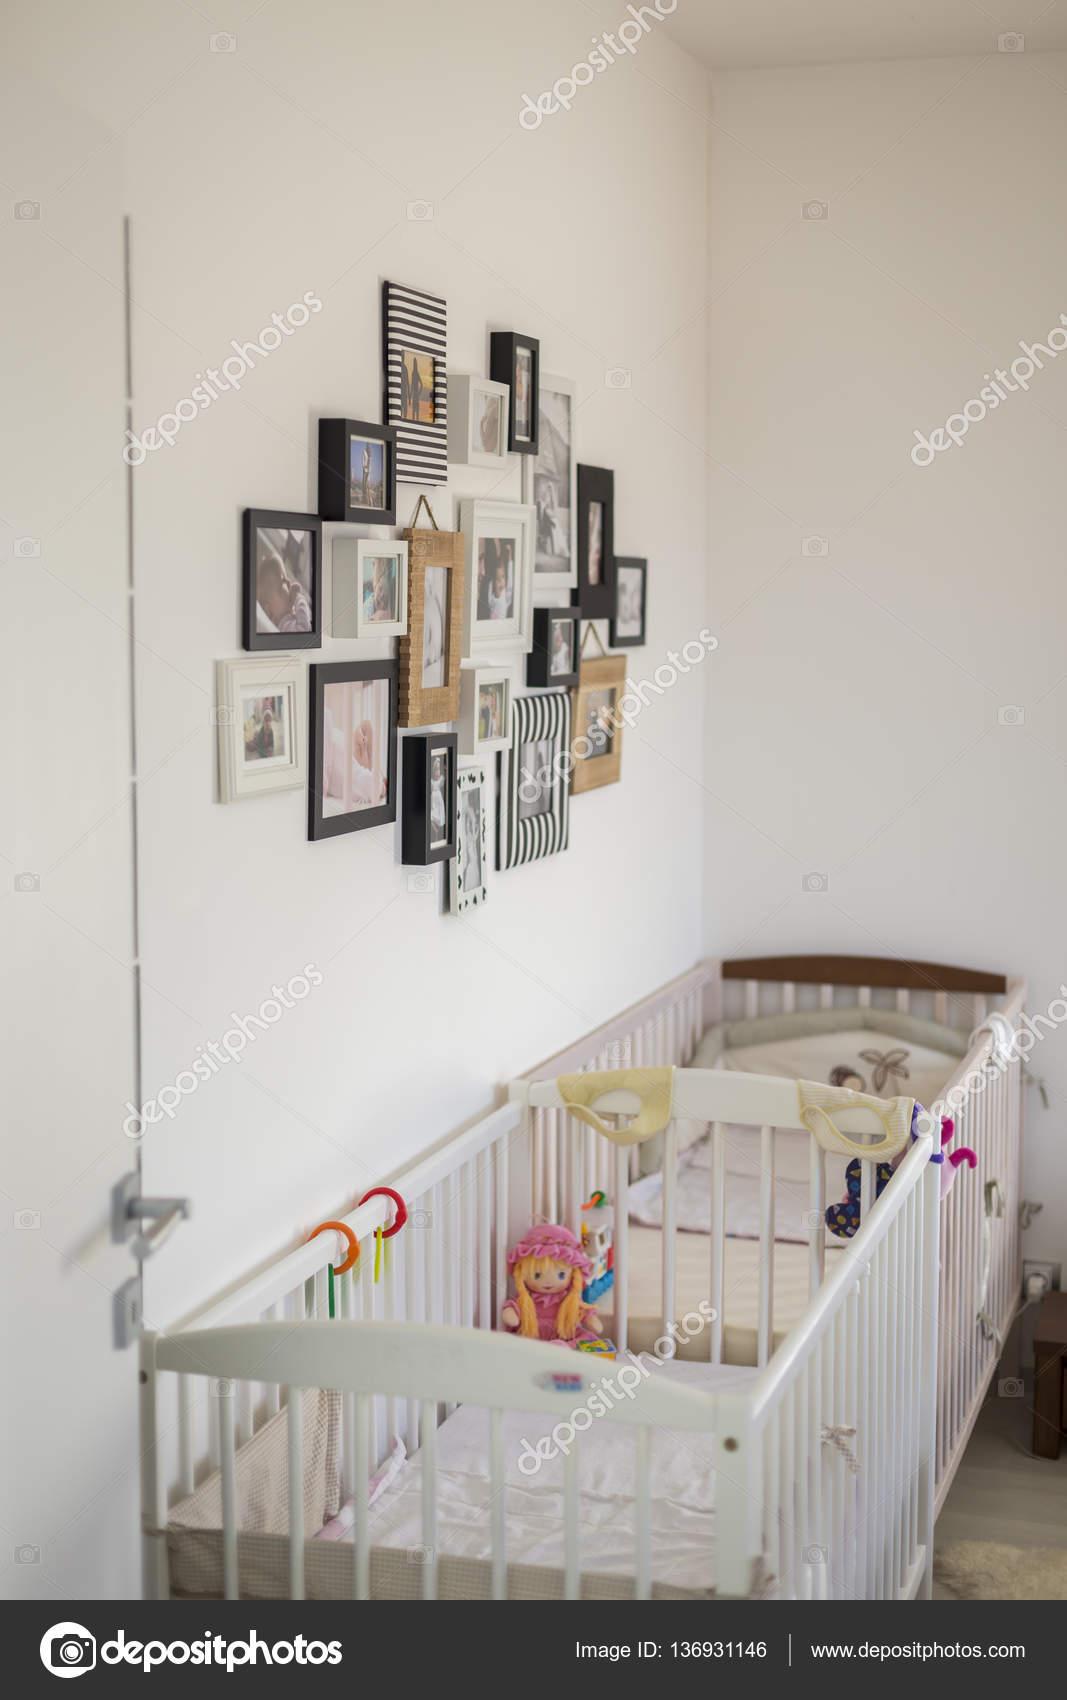 dormitorio con fotos en marco de fotos varias — Fotos de Stock ...